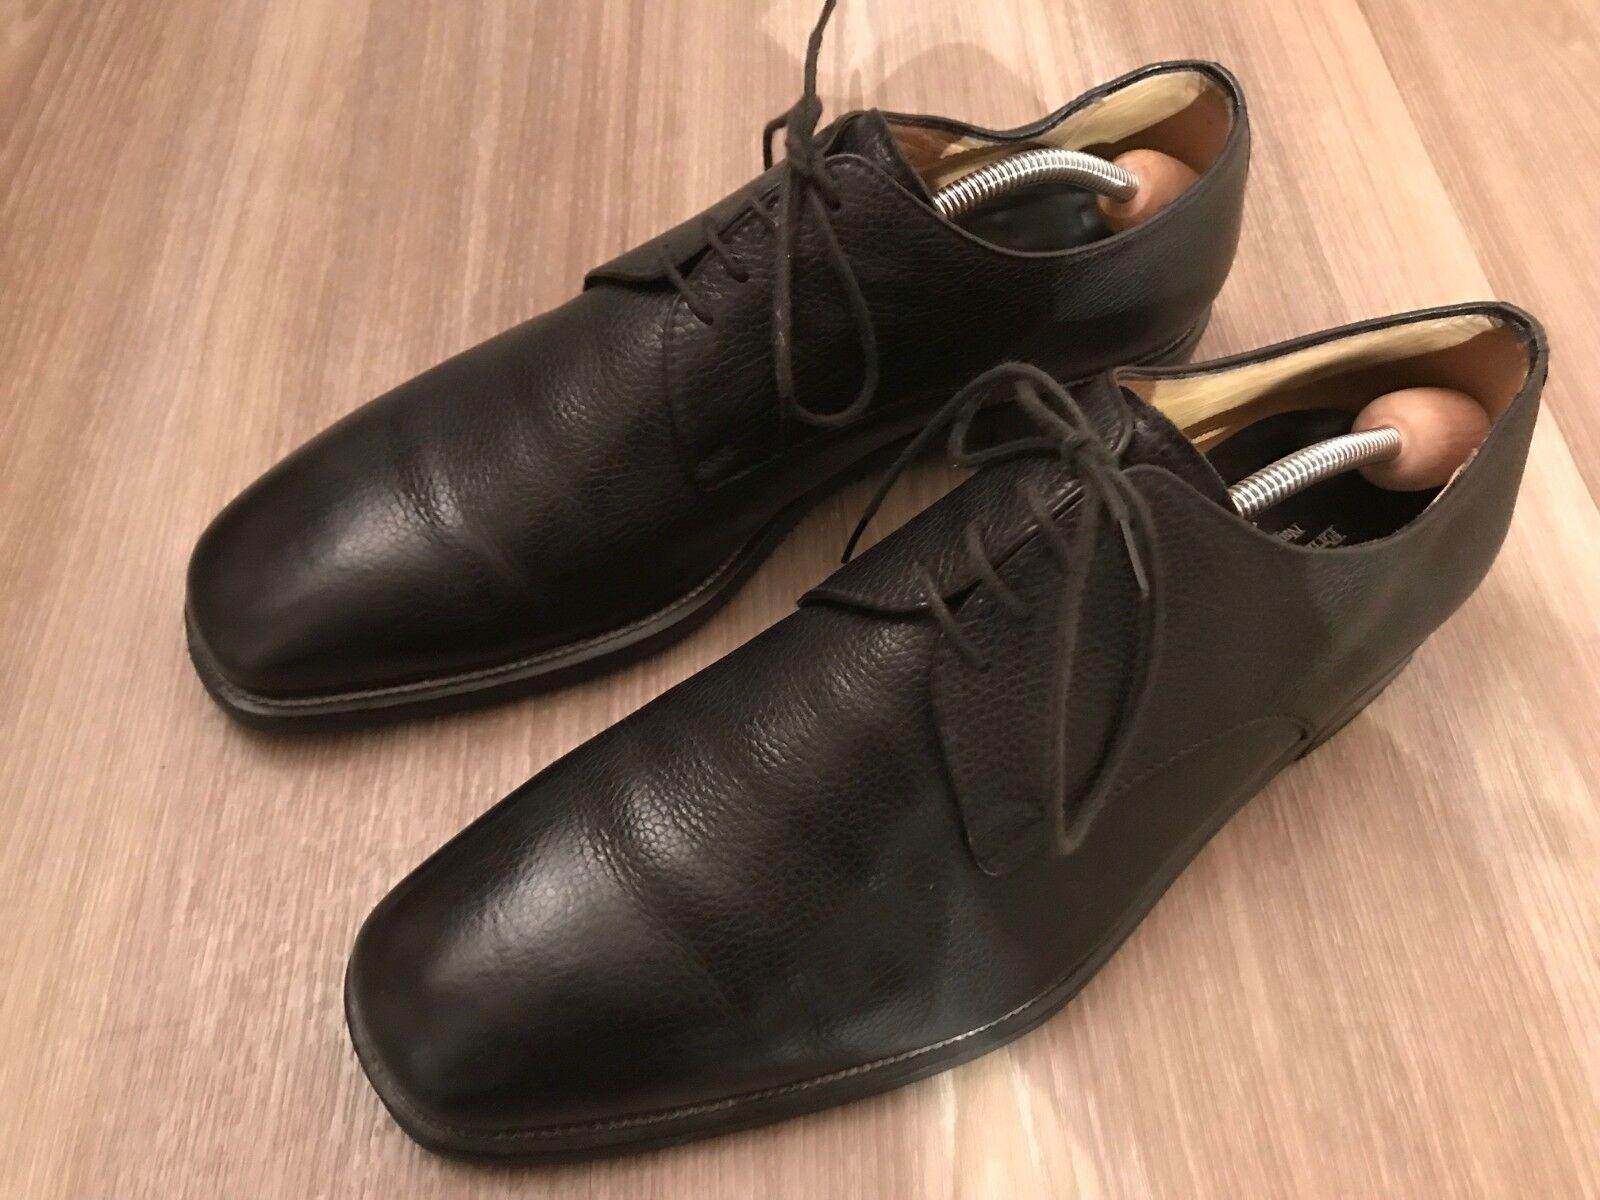 Ermenegildo Zegna Schuhe schwarz italienisch Volleder Herrenschuhe schwarz